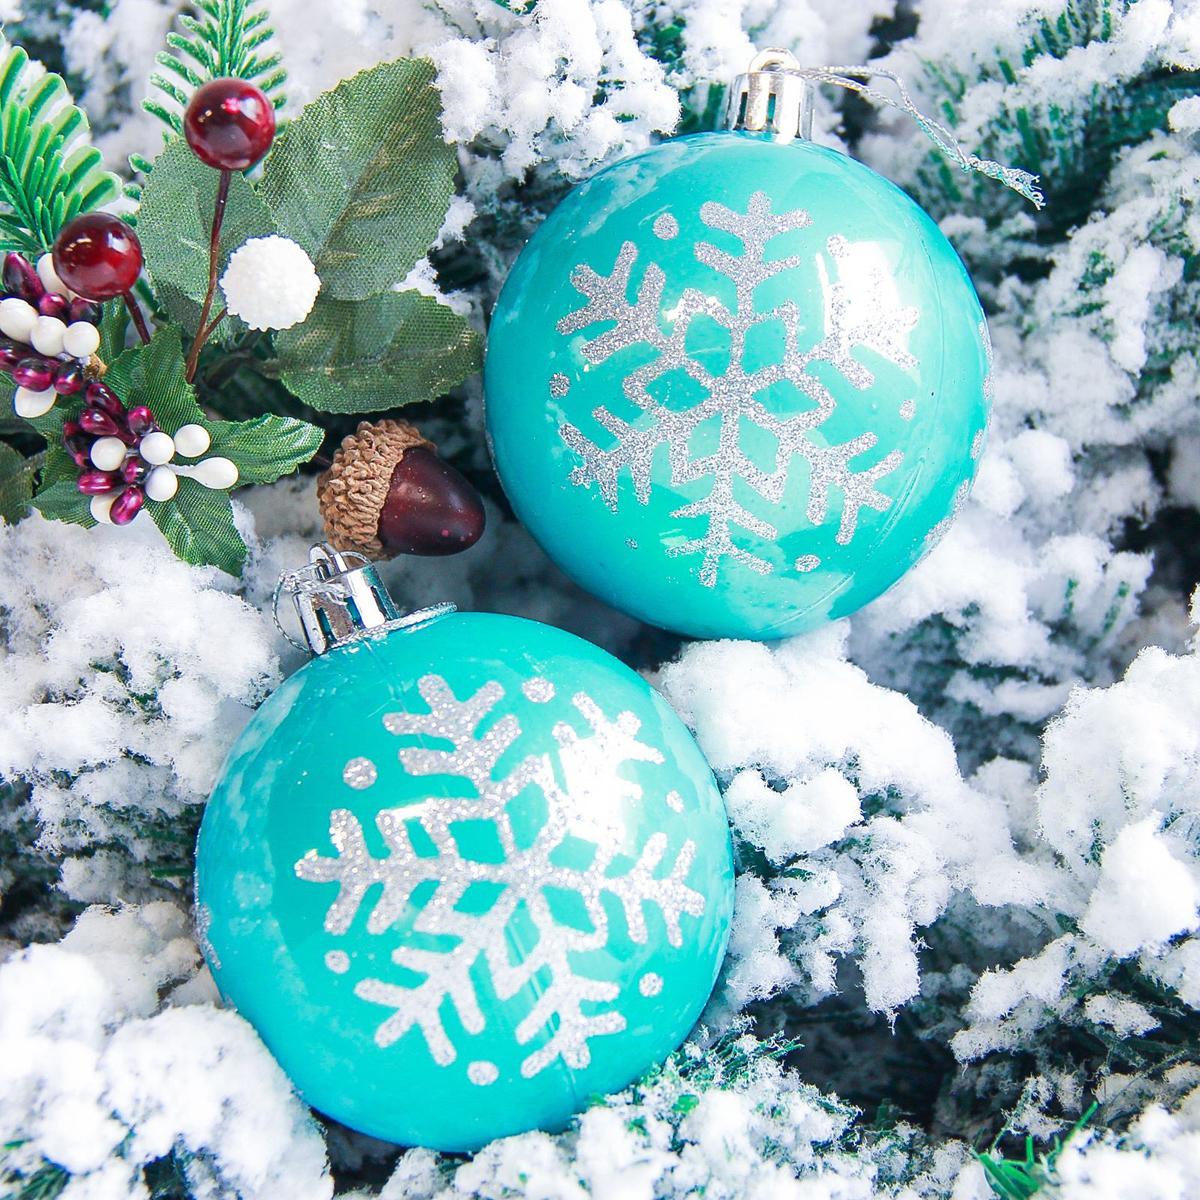 Набор новогодних подвесных украшений Sima-land Снежинка. Капель, цвет: голубой, диаметр 7 см, 6 шт2178211Набор новогодних подвесных украшений Sima-land отлично подойдет для декорации вашего дома и новогодней ели. С помощью специальной петельки украшение можно повесить в любом понравившемся вам месте. Но, конечно, удачнее всего оно будет смотреться на праздничной елке. Елочная игрушка - символ Нового года. Она несет в себе волшебство и красоту праздника. Создайте в своем доме атмосферу веселья и радости, украшая новогоднюю елку нарядными игрушками, которые будут из года в год накапливать теплоту воспоминаний.